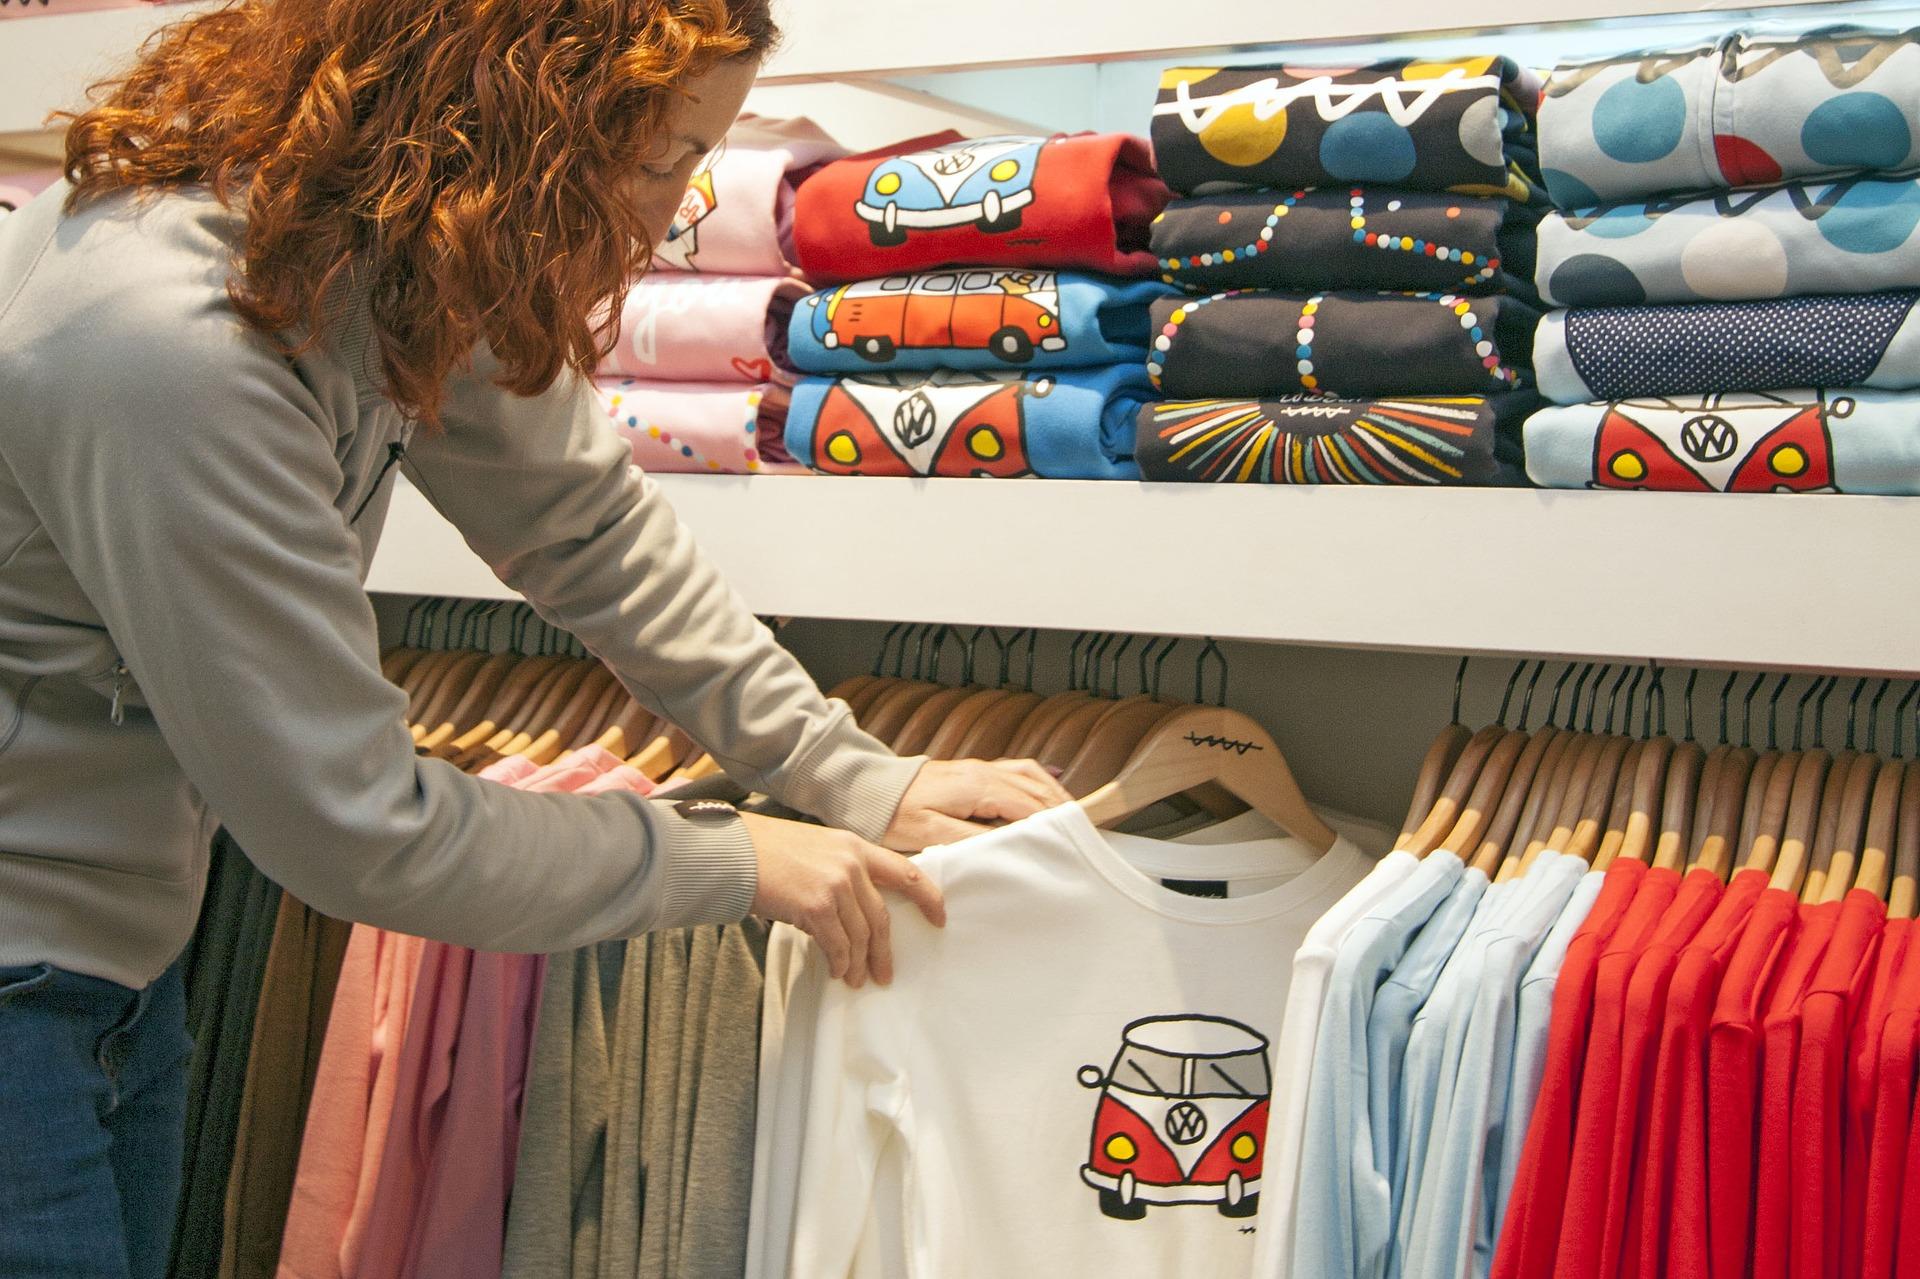 Kleidungskauf: Was Kunden wichtig ist